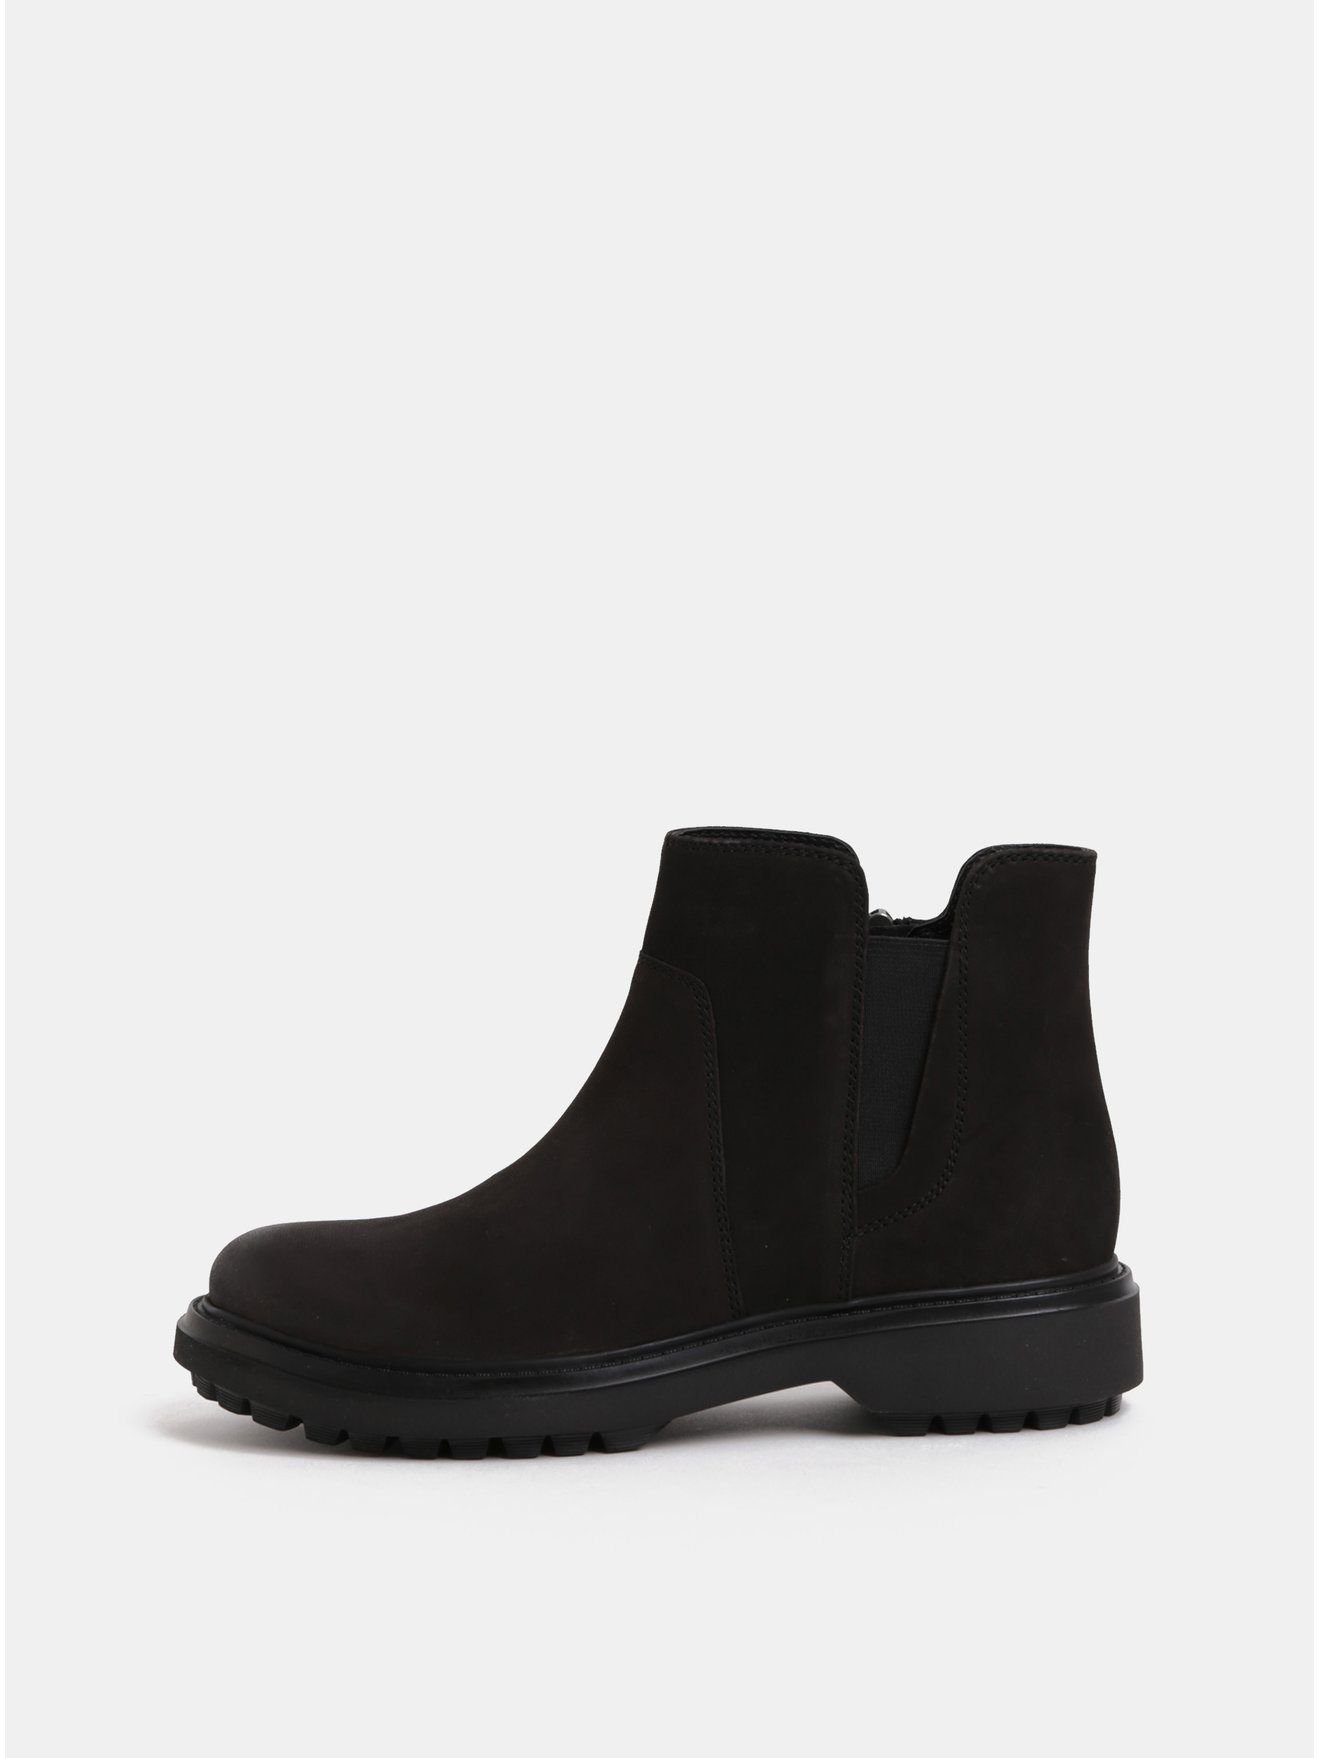 d03e2873621 Černé dámské semišové kotníkové boty Geox Asheely